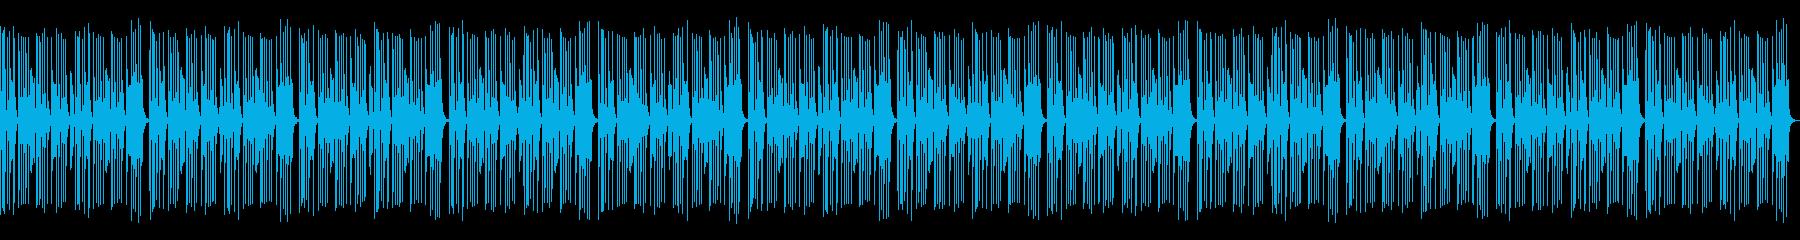 かわいくてコミカルなBGMの再生済みの波形